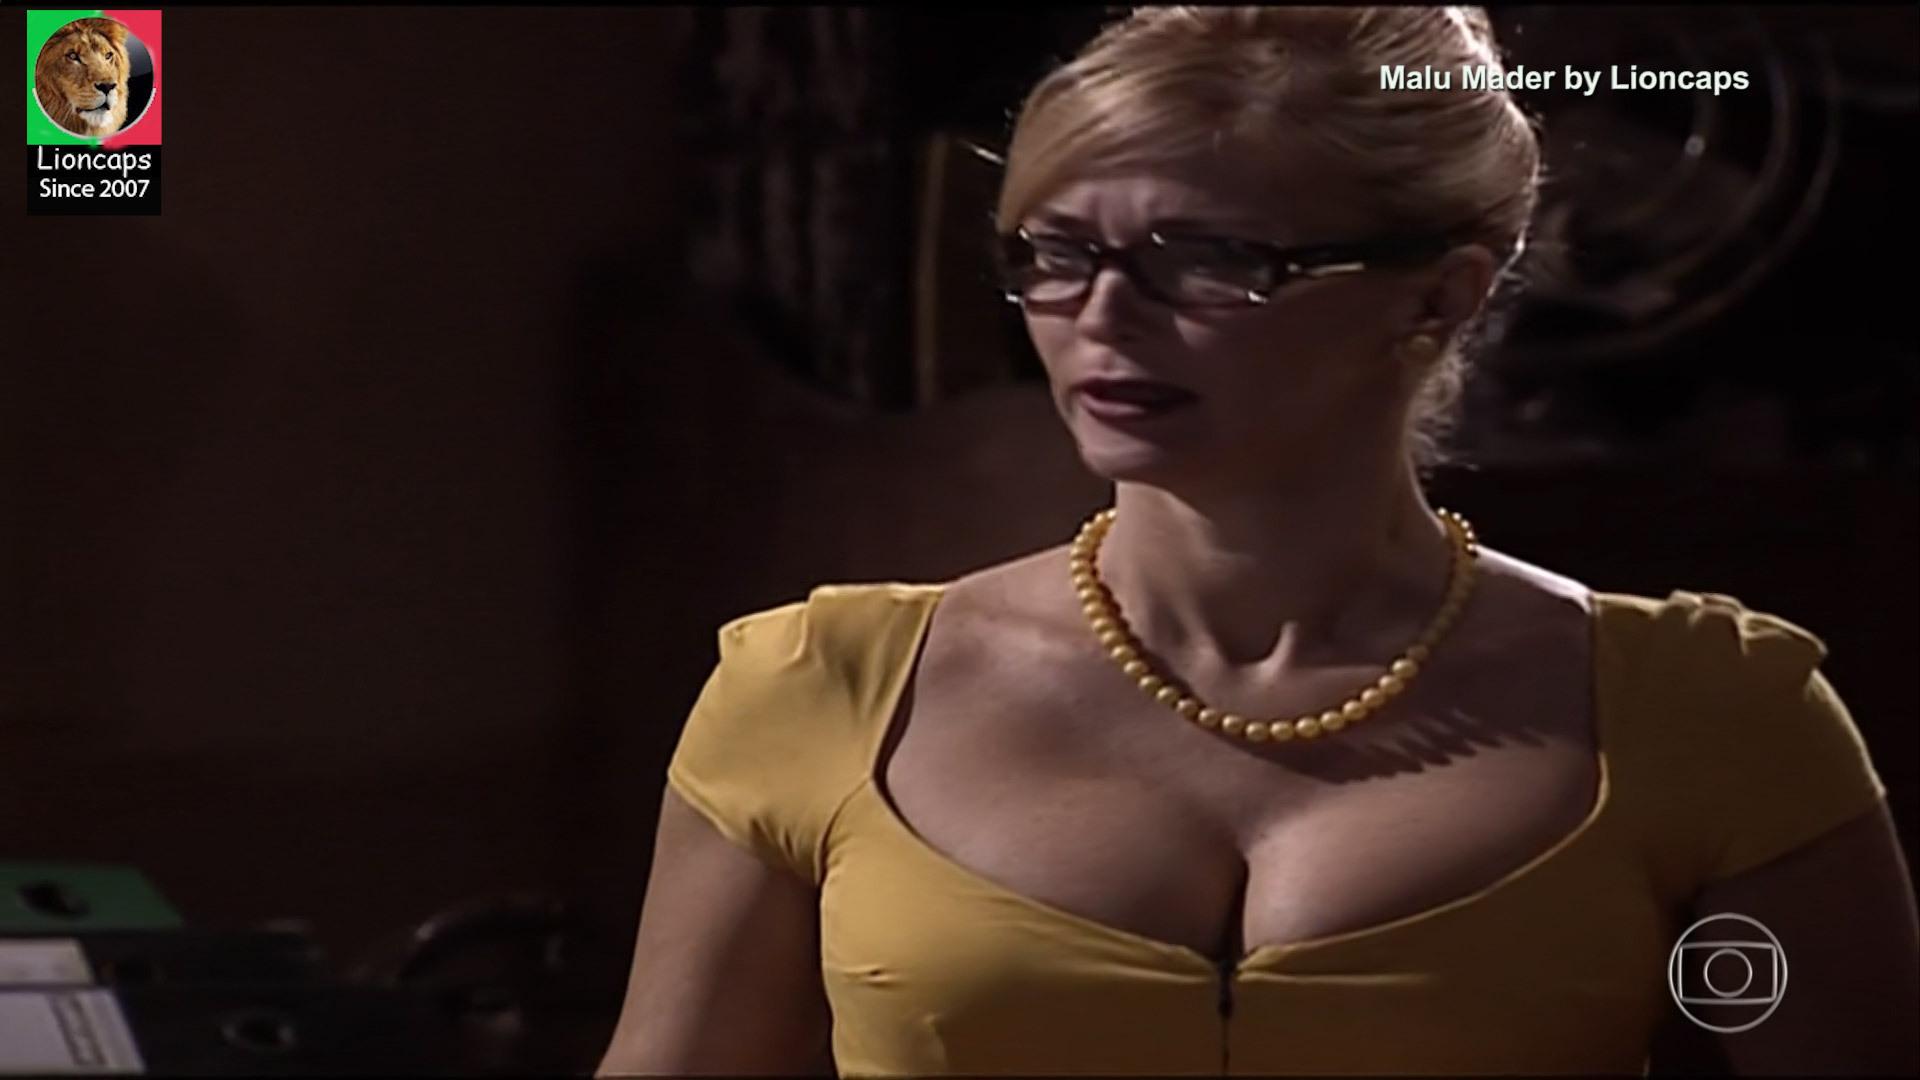 rosana_oliveira_anjo_caiu_ceu_lioncaps_04_09_2021 (8).jpg